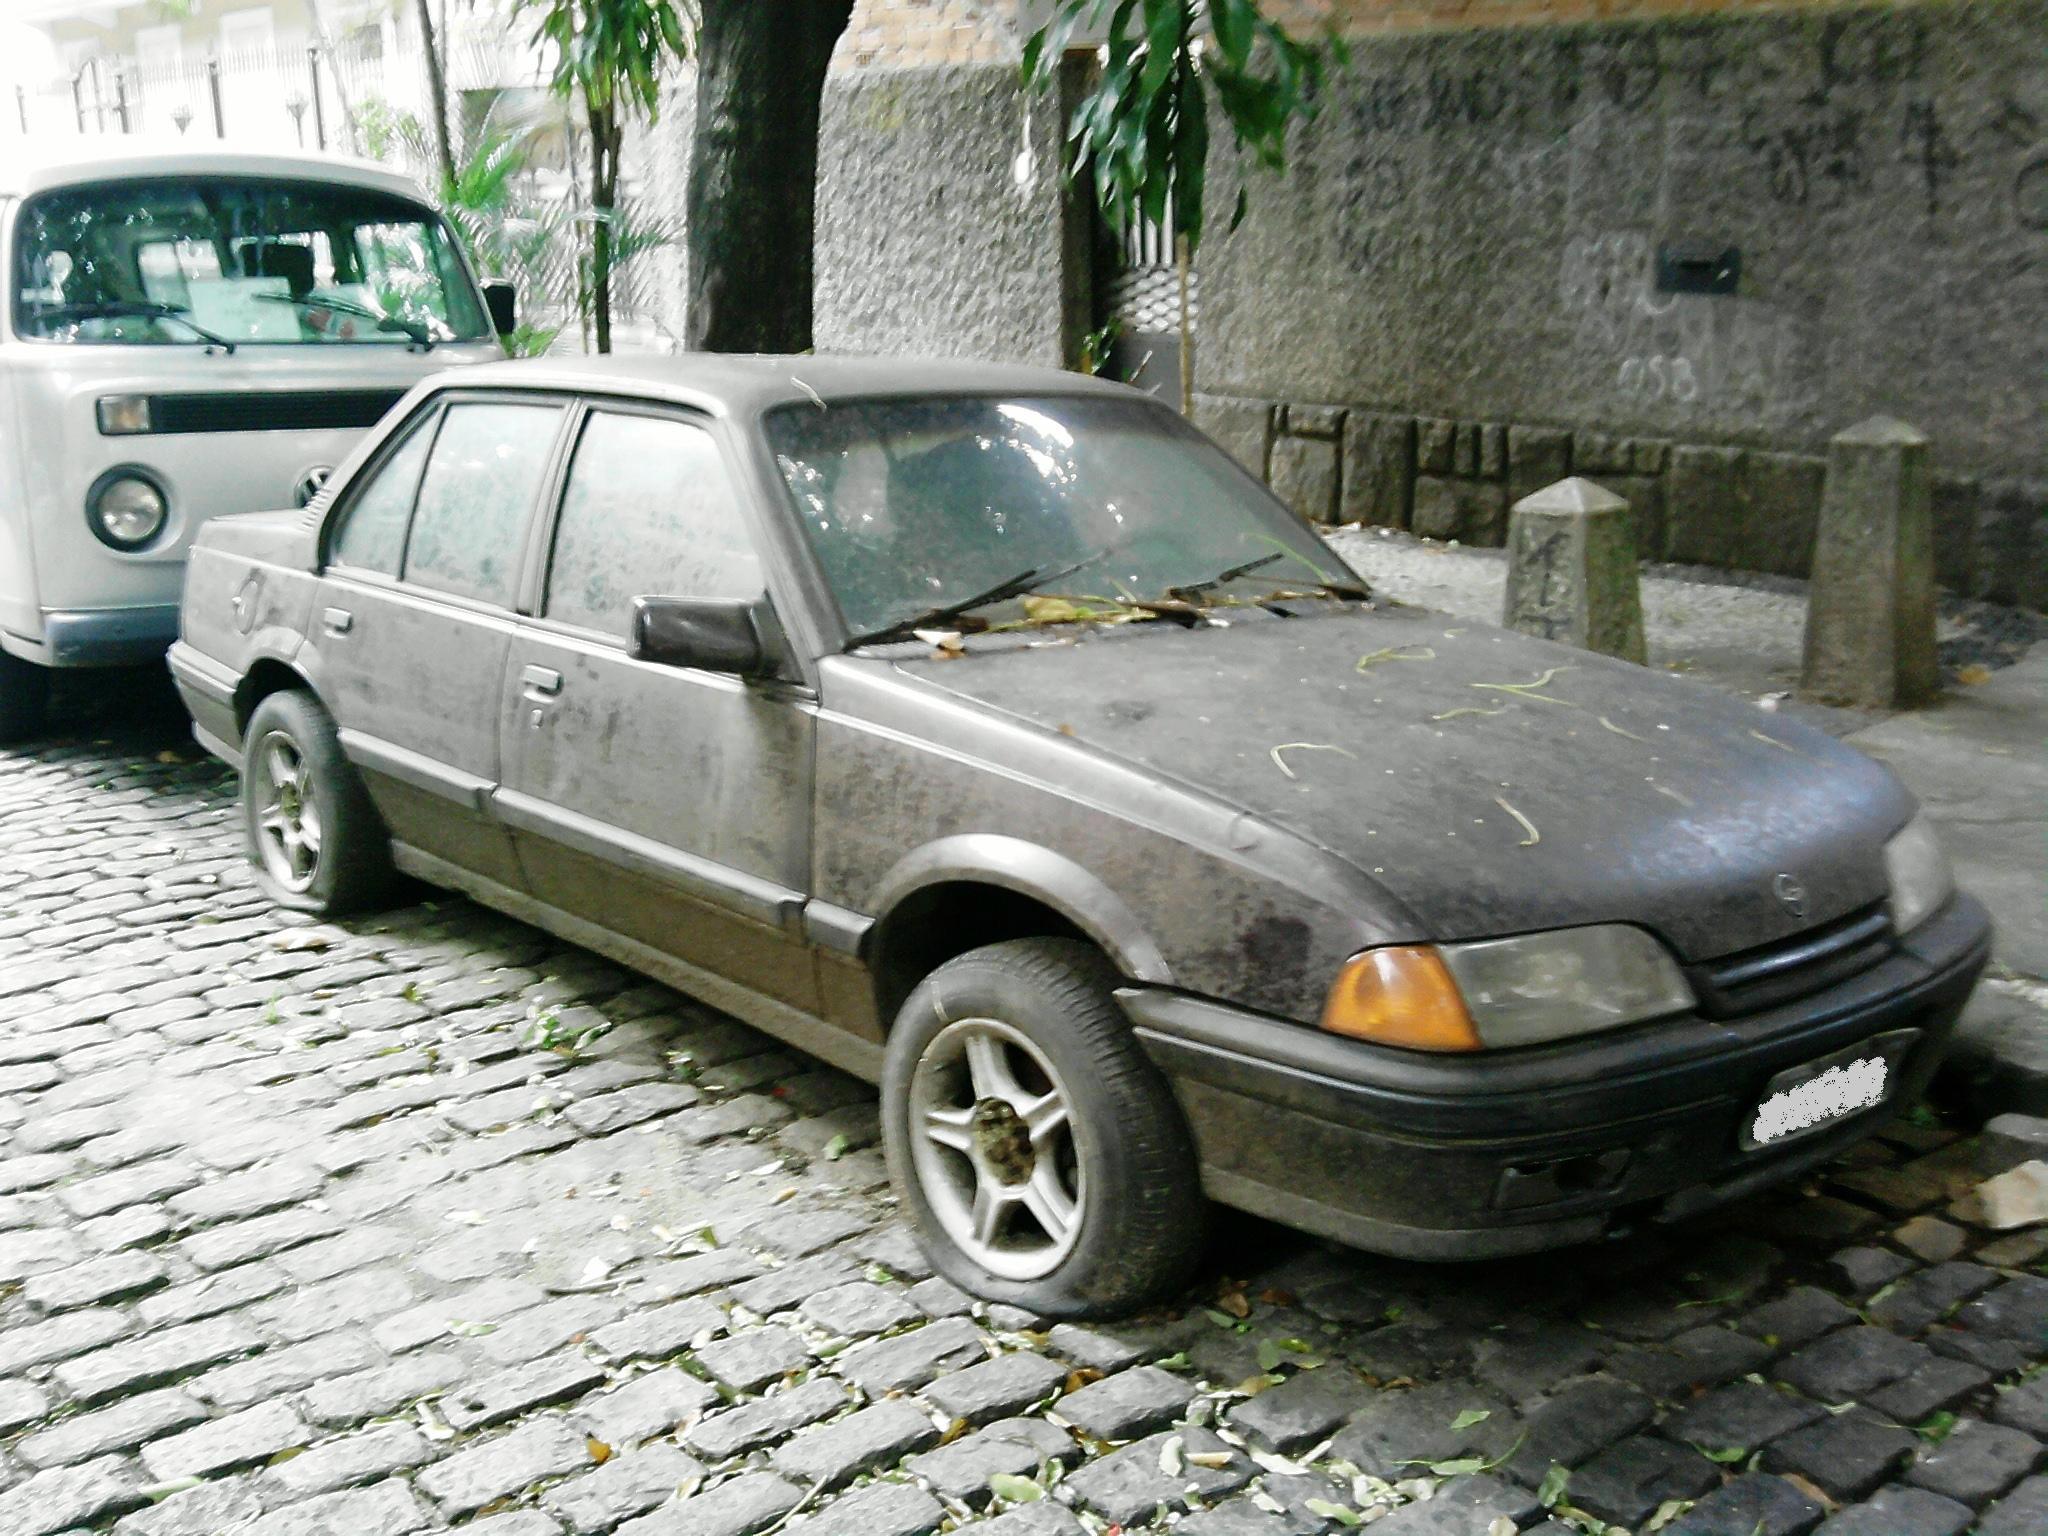 uerik-monza-rj Chevrolet Monza